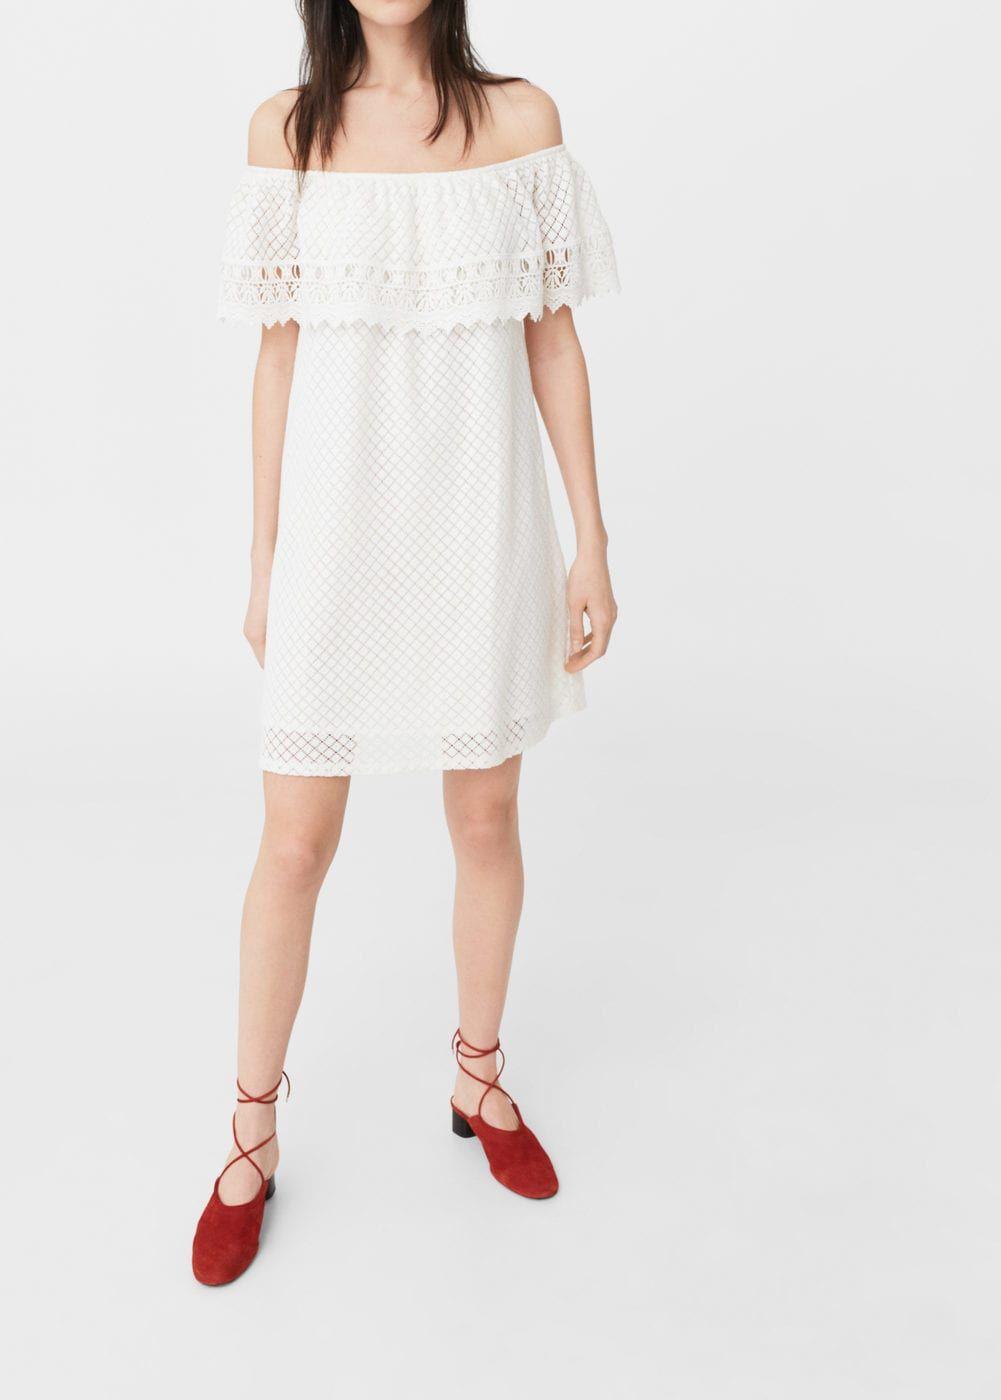 Vestido guipur algodón - Mujer | Costura | Pinterest | Vestido ...